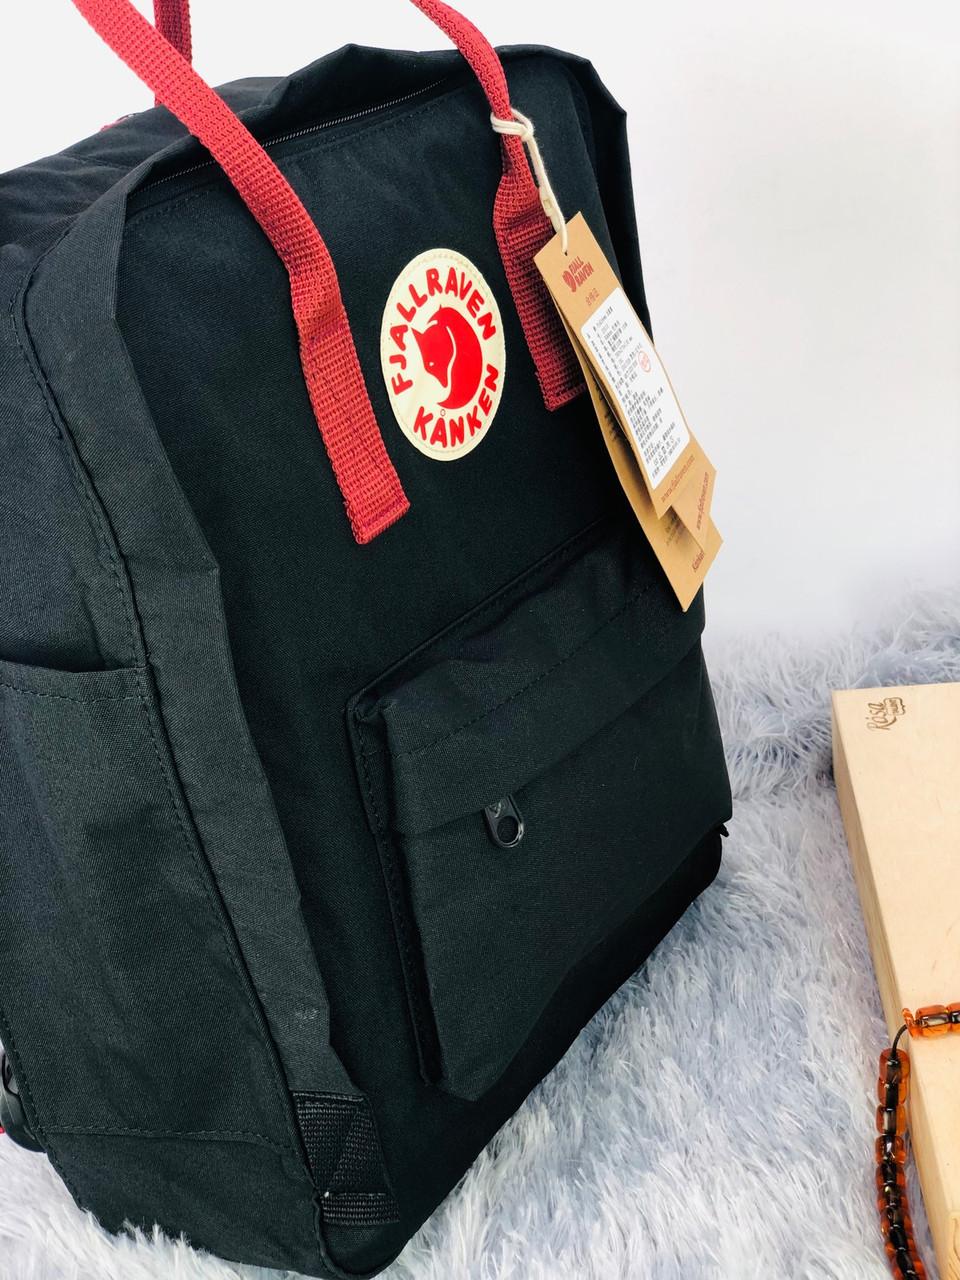 Рюкзак Fjällräven Kanken Classic Черный (красные ручки)